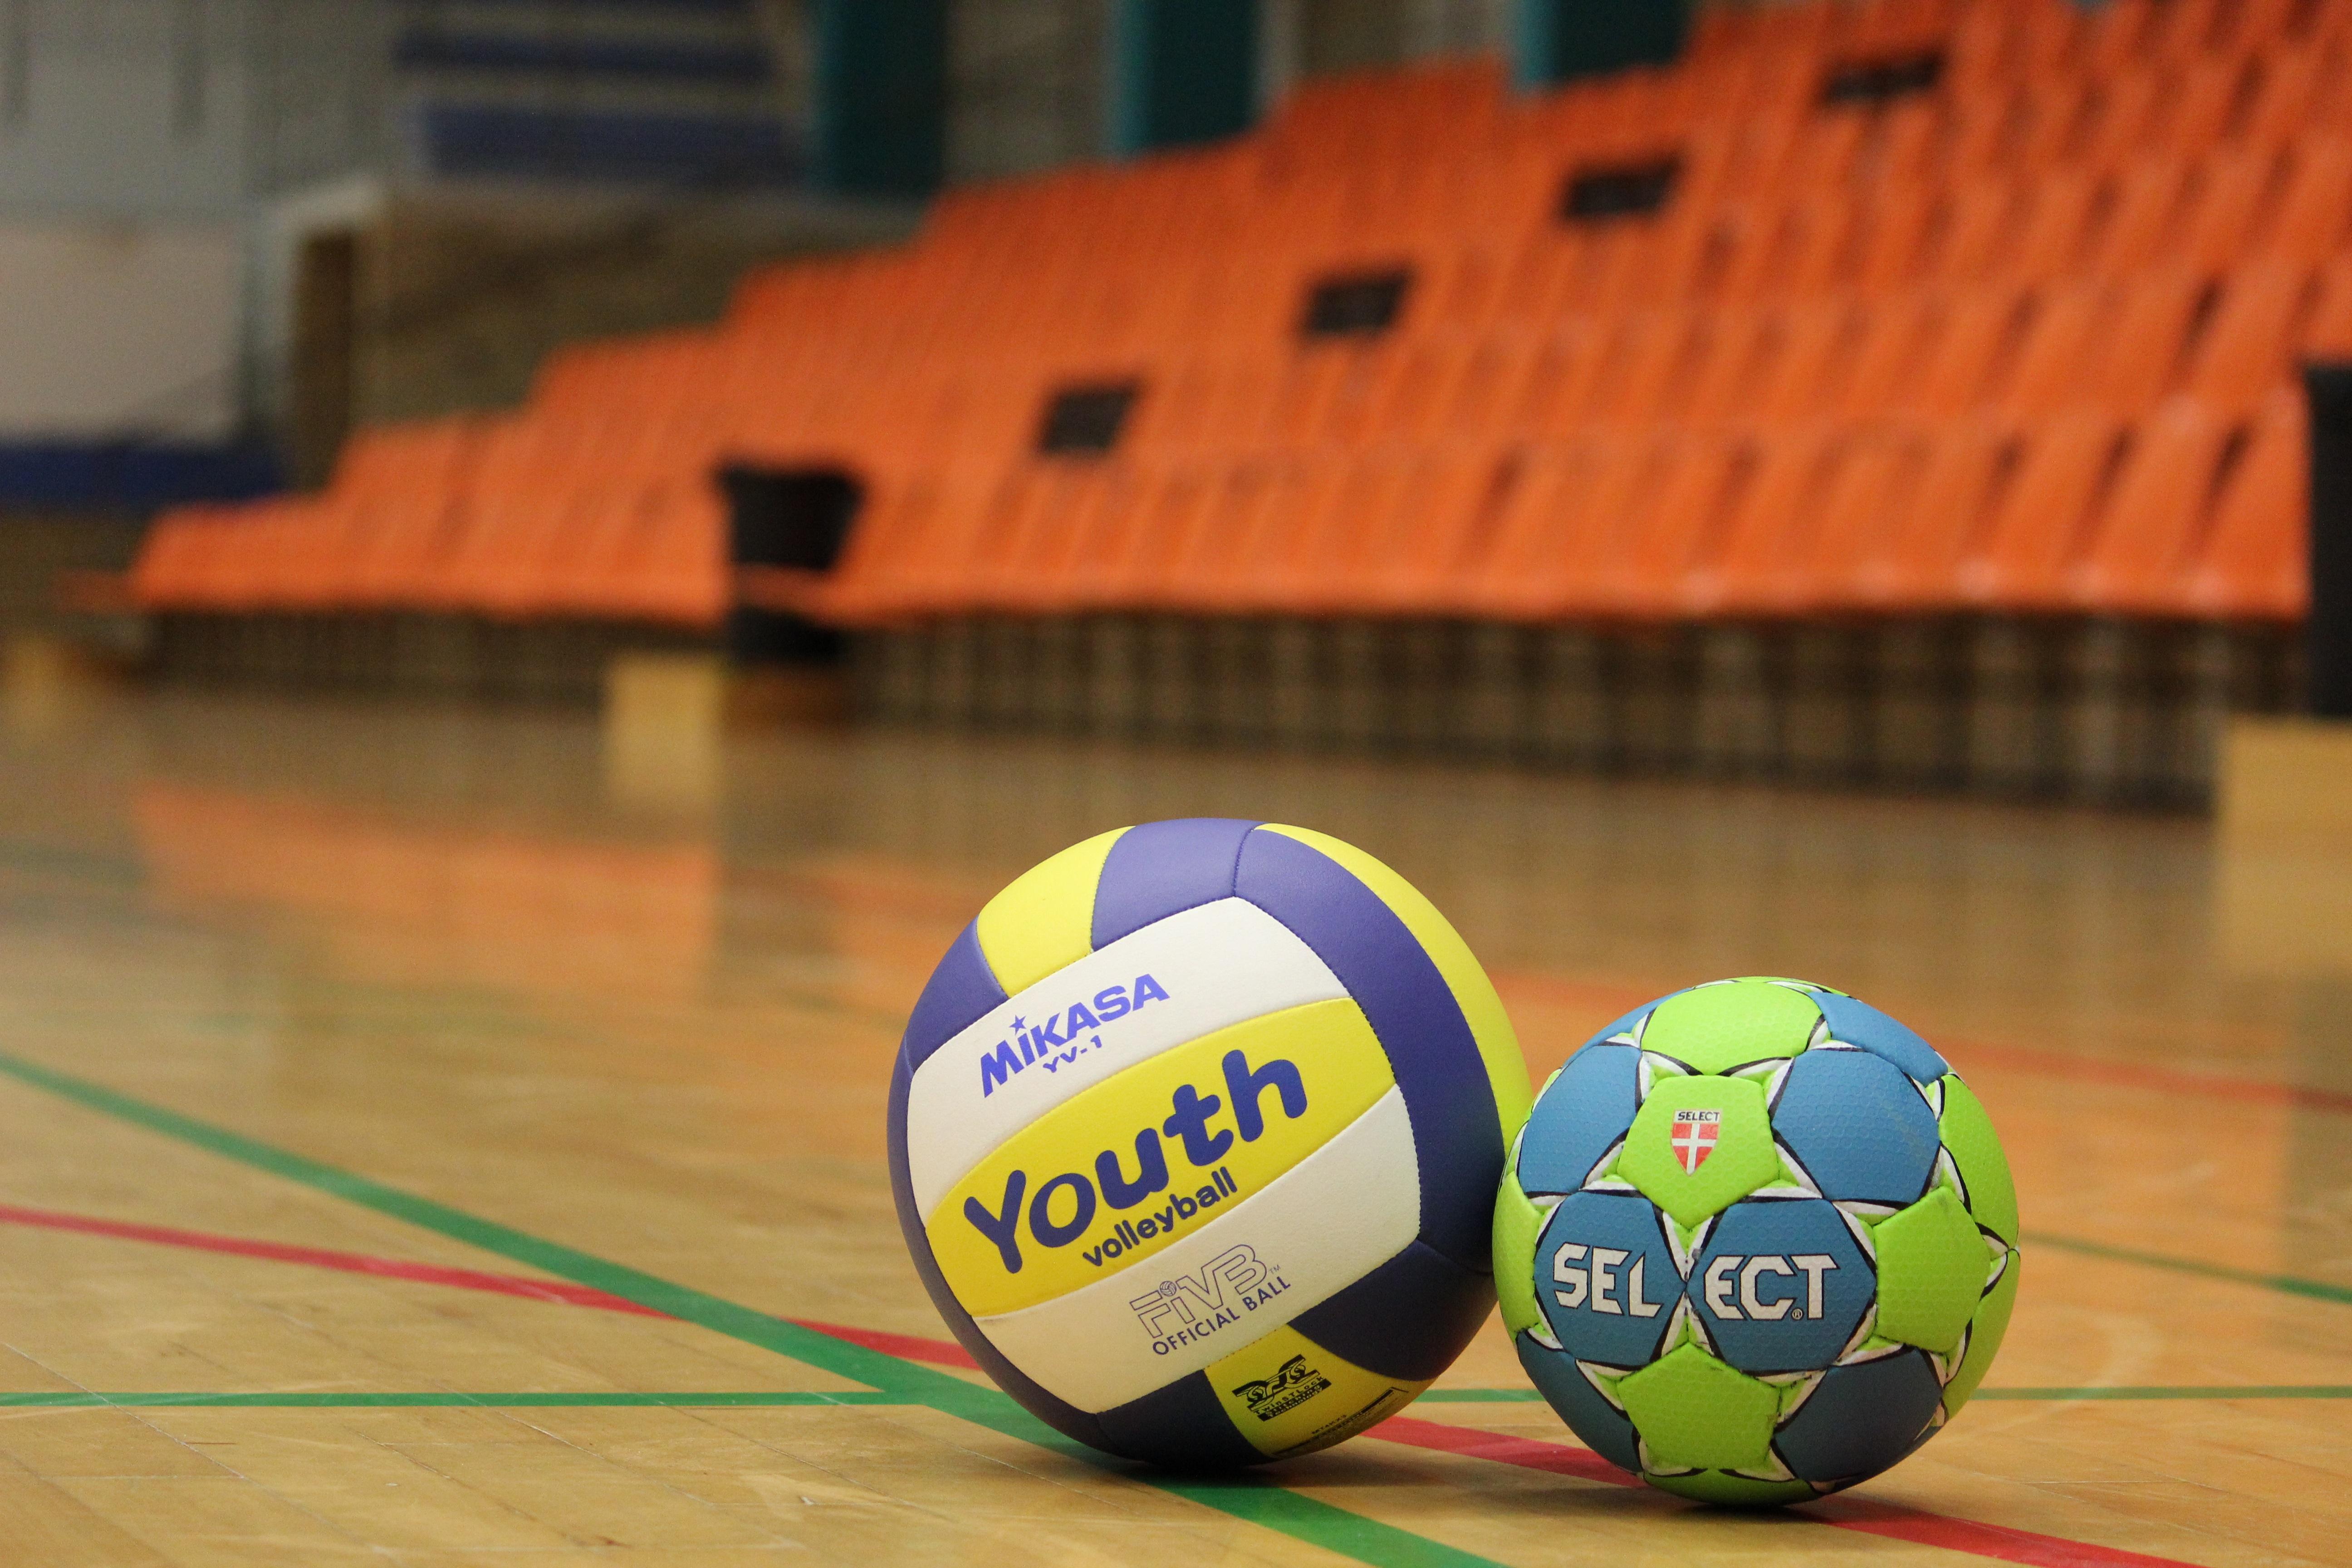 aula latihan sepak bola tujuan peralatan olahraga olahraga bola bola voli  bola tangan halgulv 4b4fb7dab6